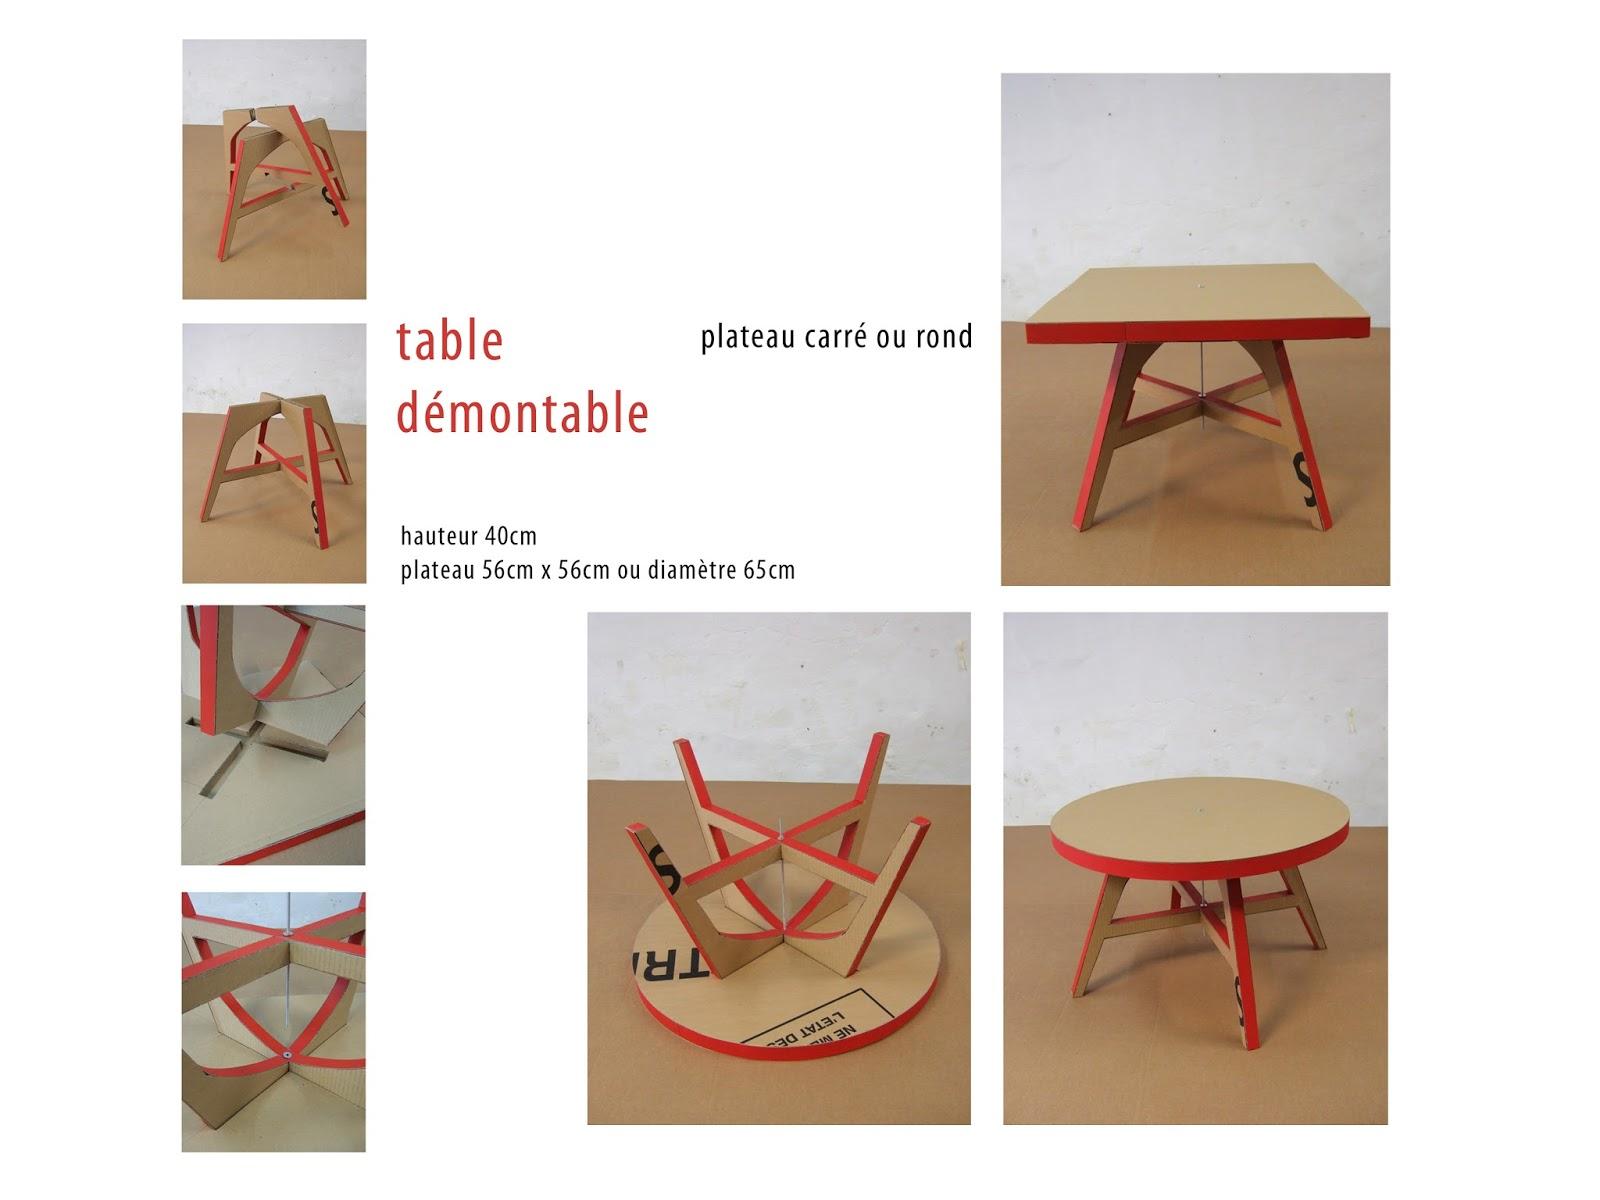 table basse en carton démontable. fabriquée à marseille par juliadesgn